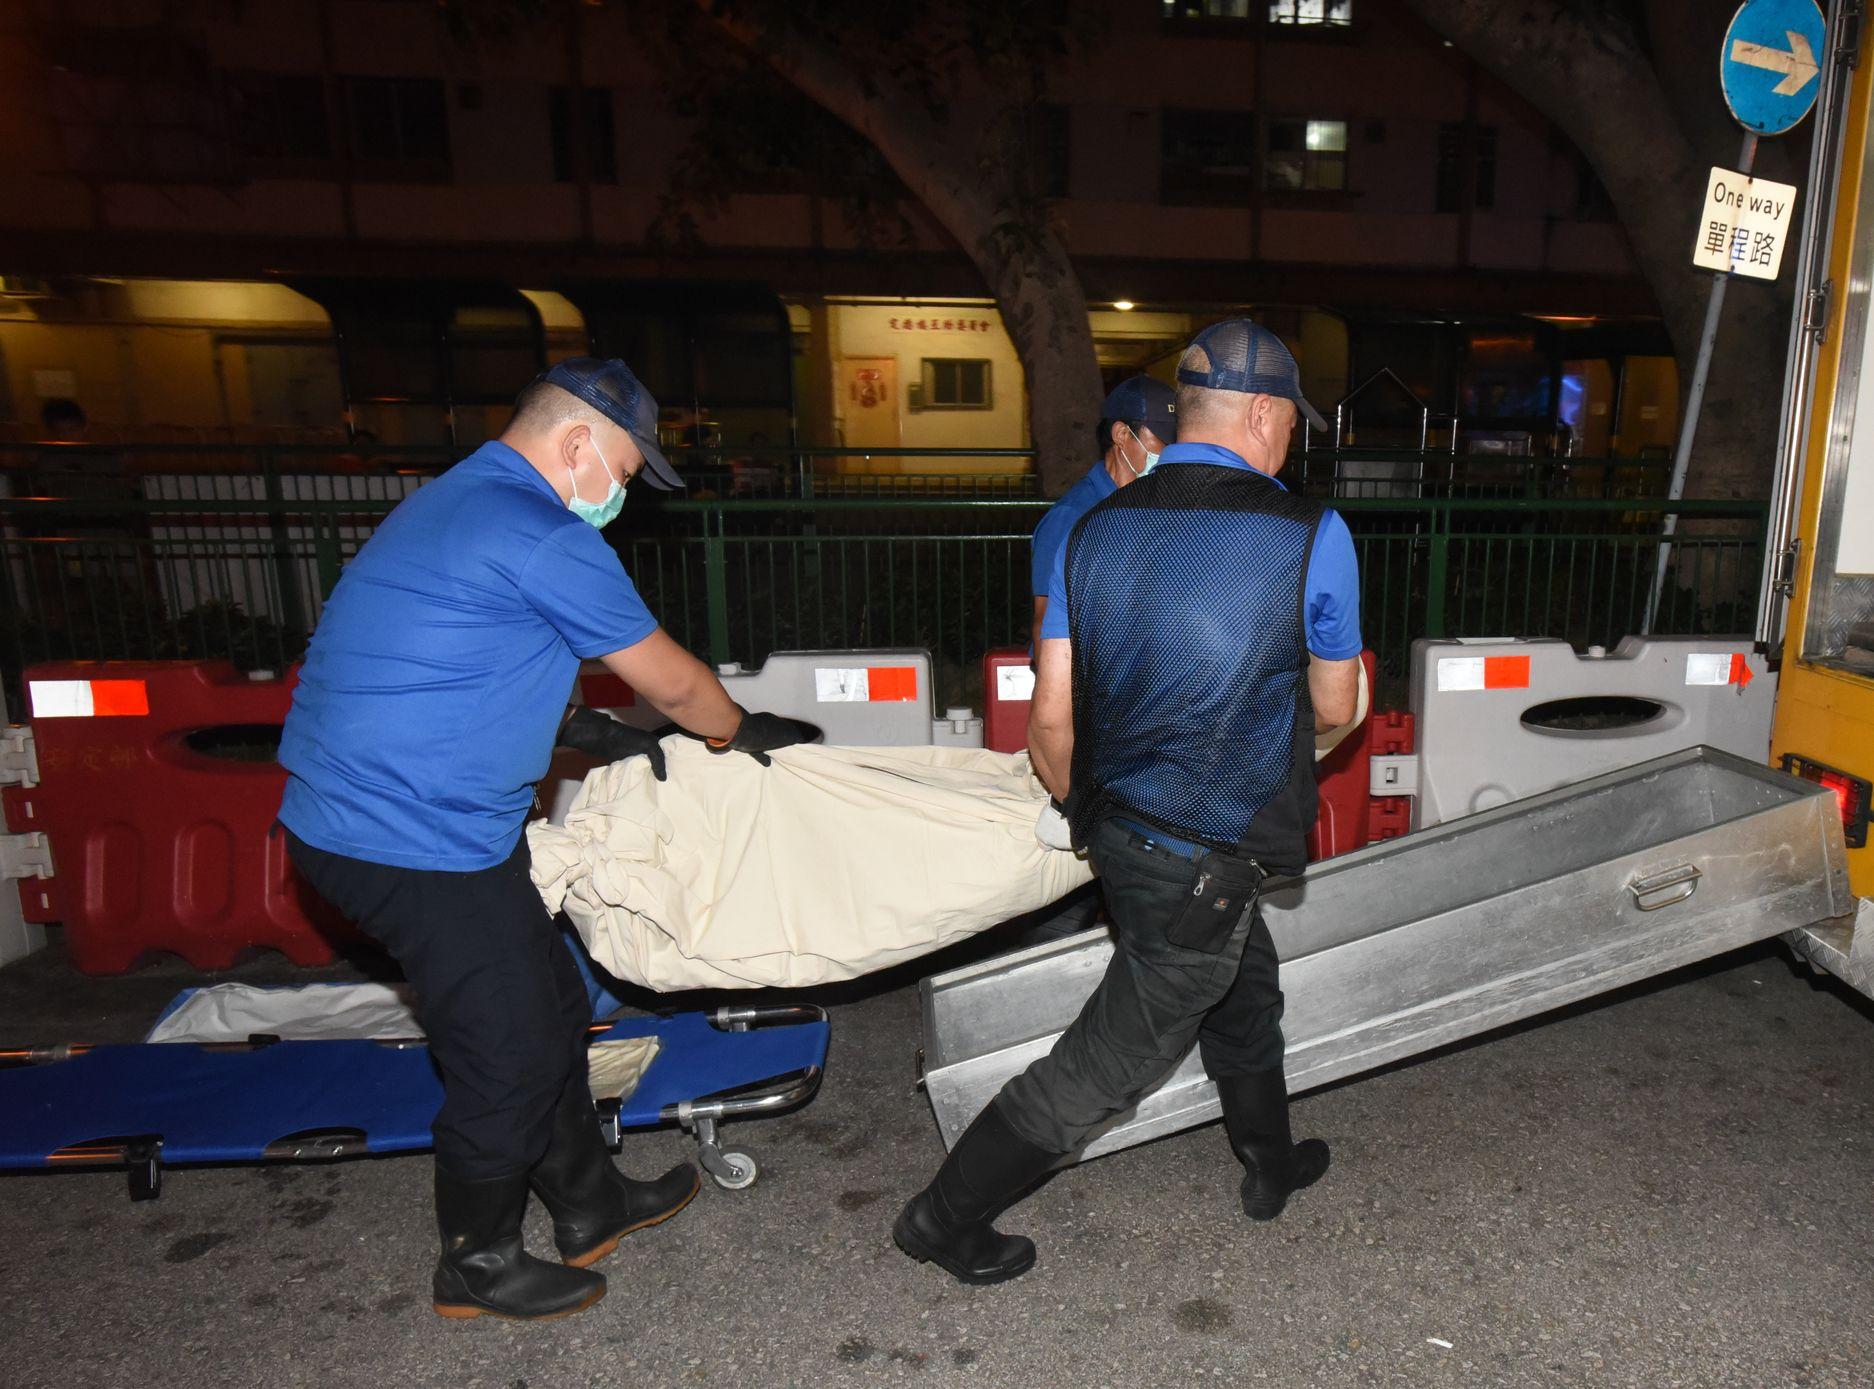 安定邨女子倒毙屋内 56岁男友涉谋杀被捕